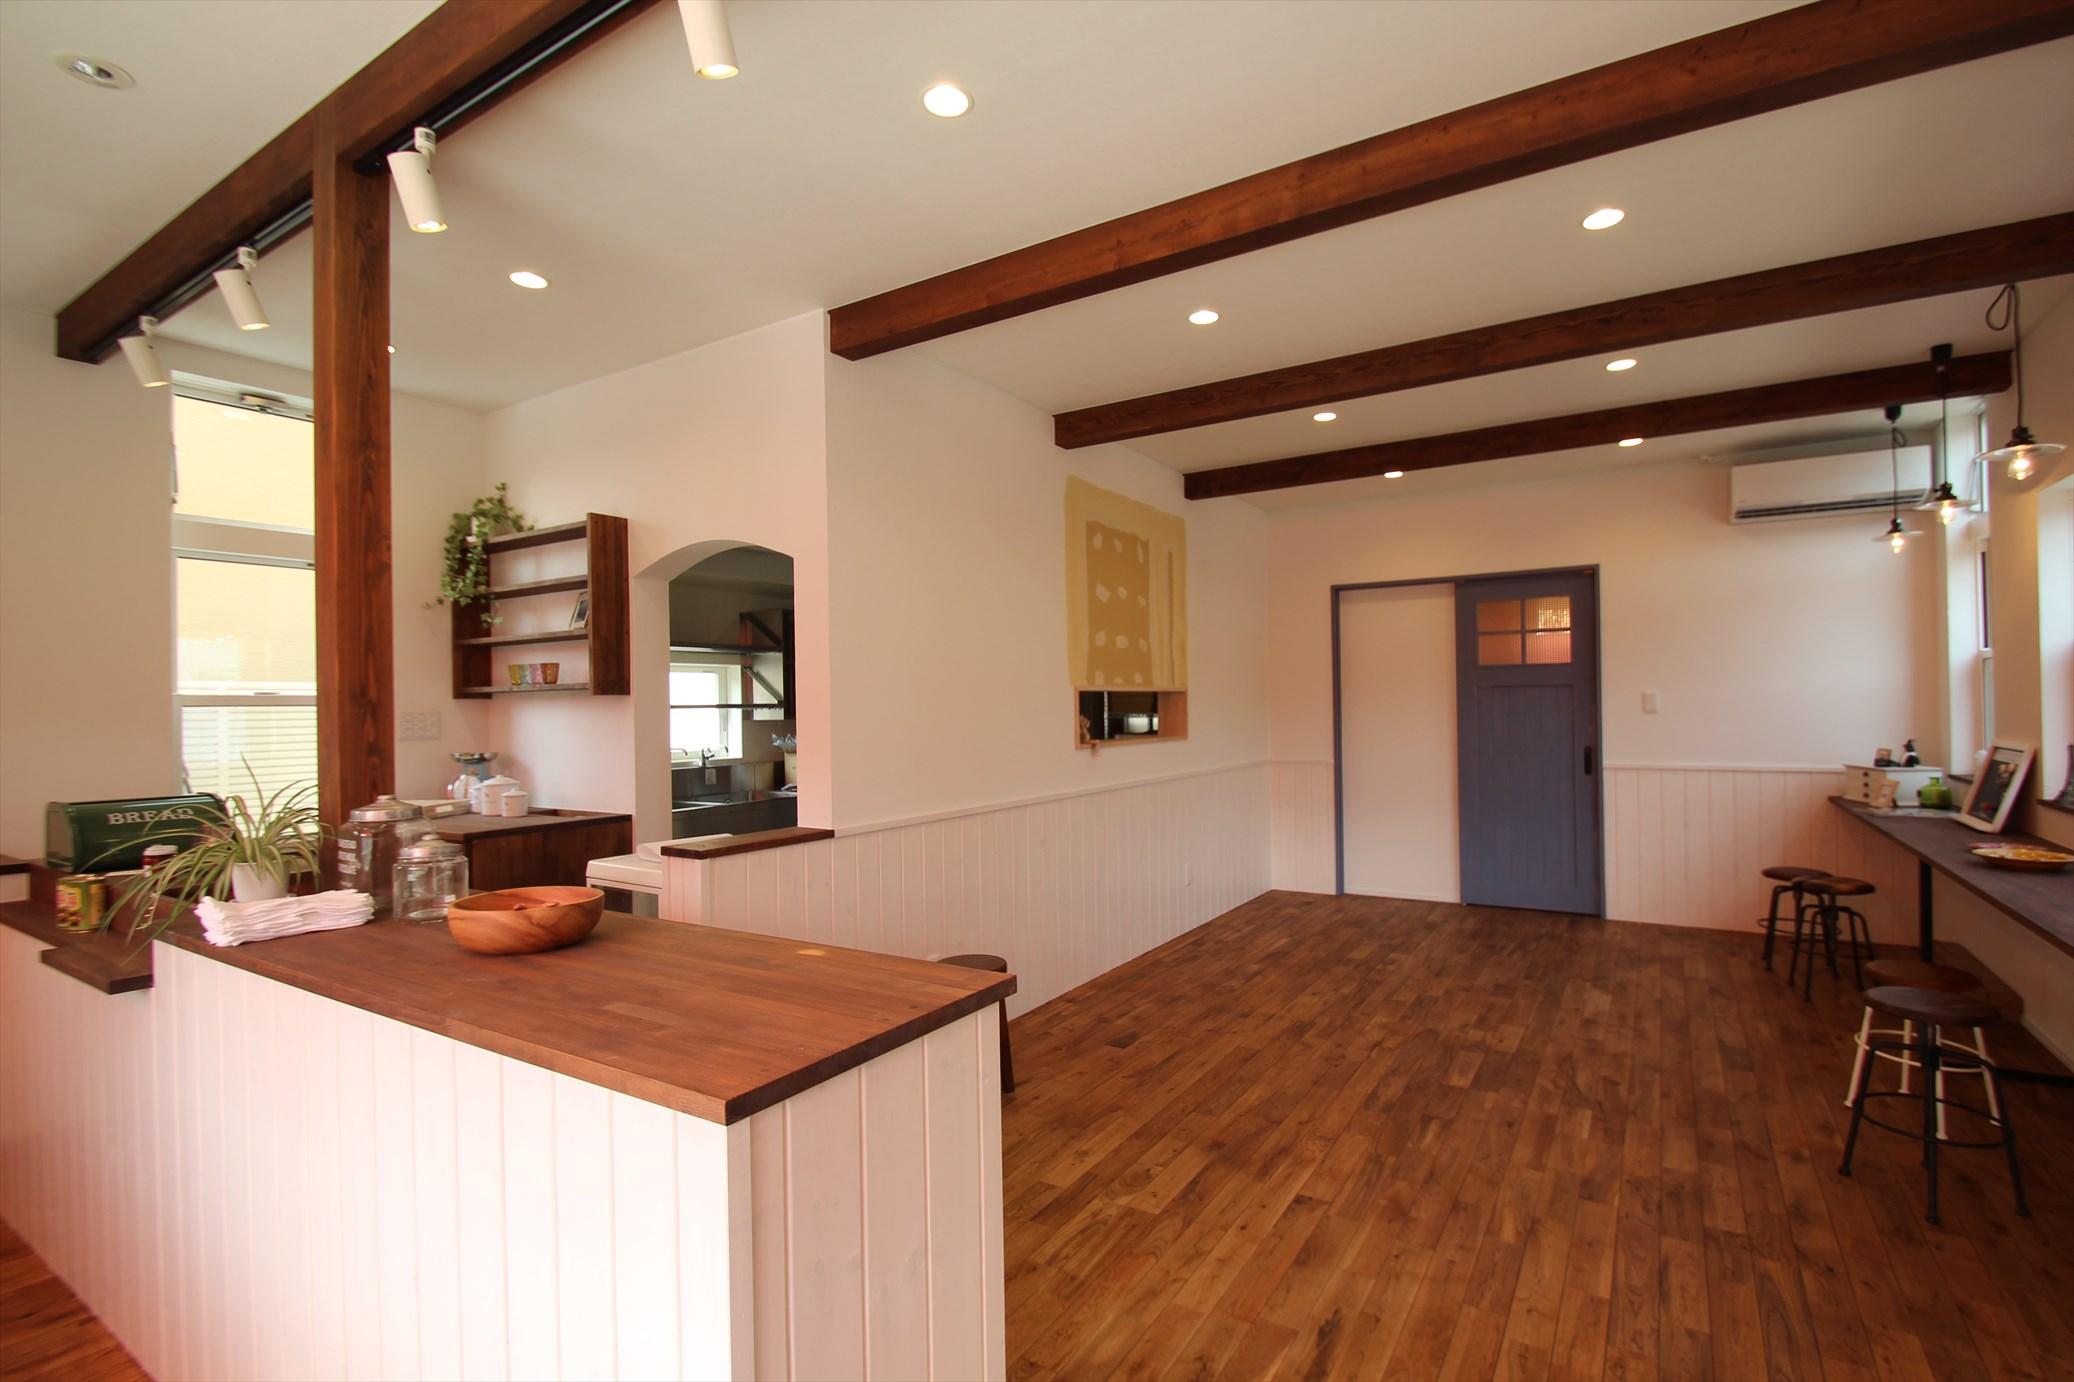 ヨーロピアンなかわいいカフェのある家|石川県金沢市の注文住宅・デザイン性・新築の家・戸建て|E-HOUSE